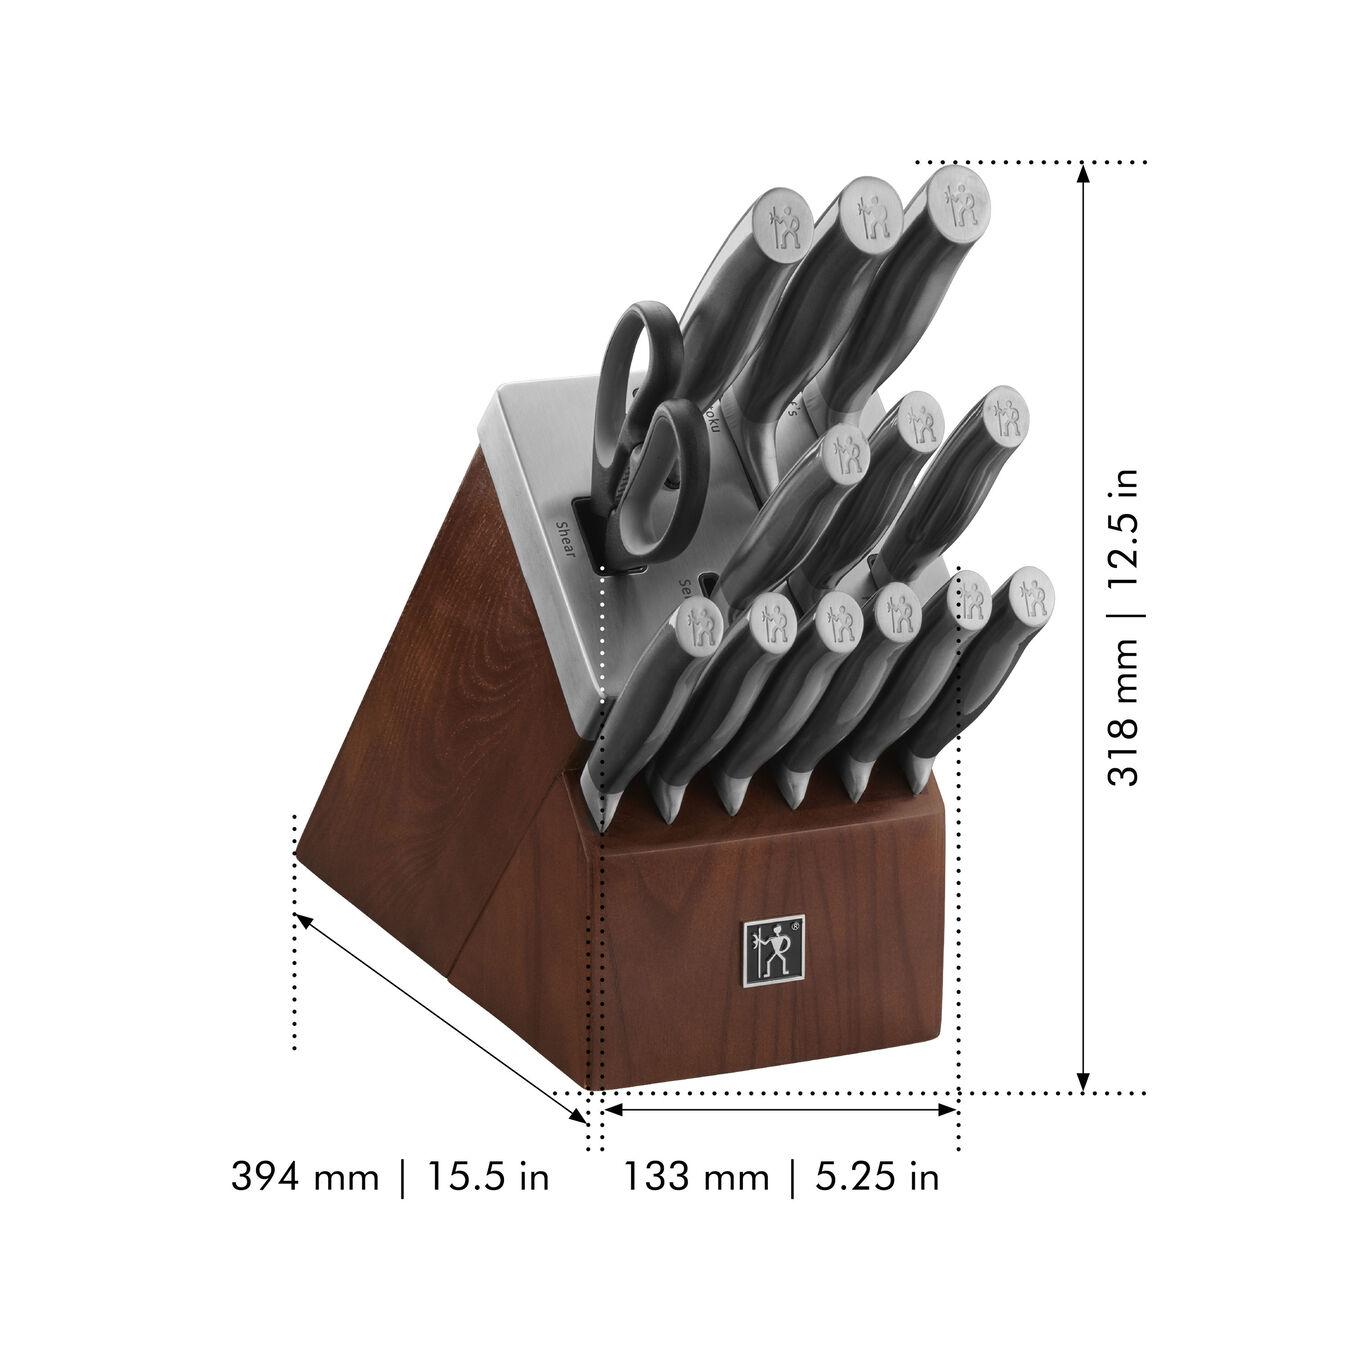 14-pc, Self-Sharpening Knife Block Set,,large 2